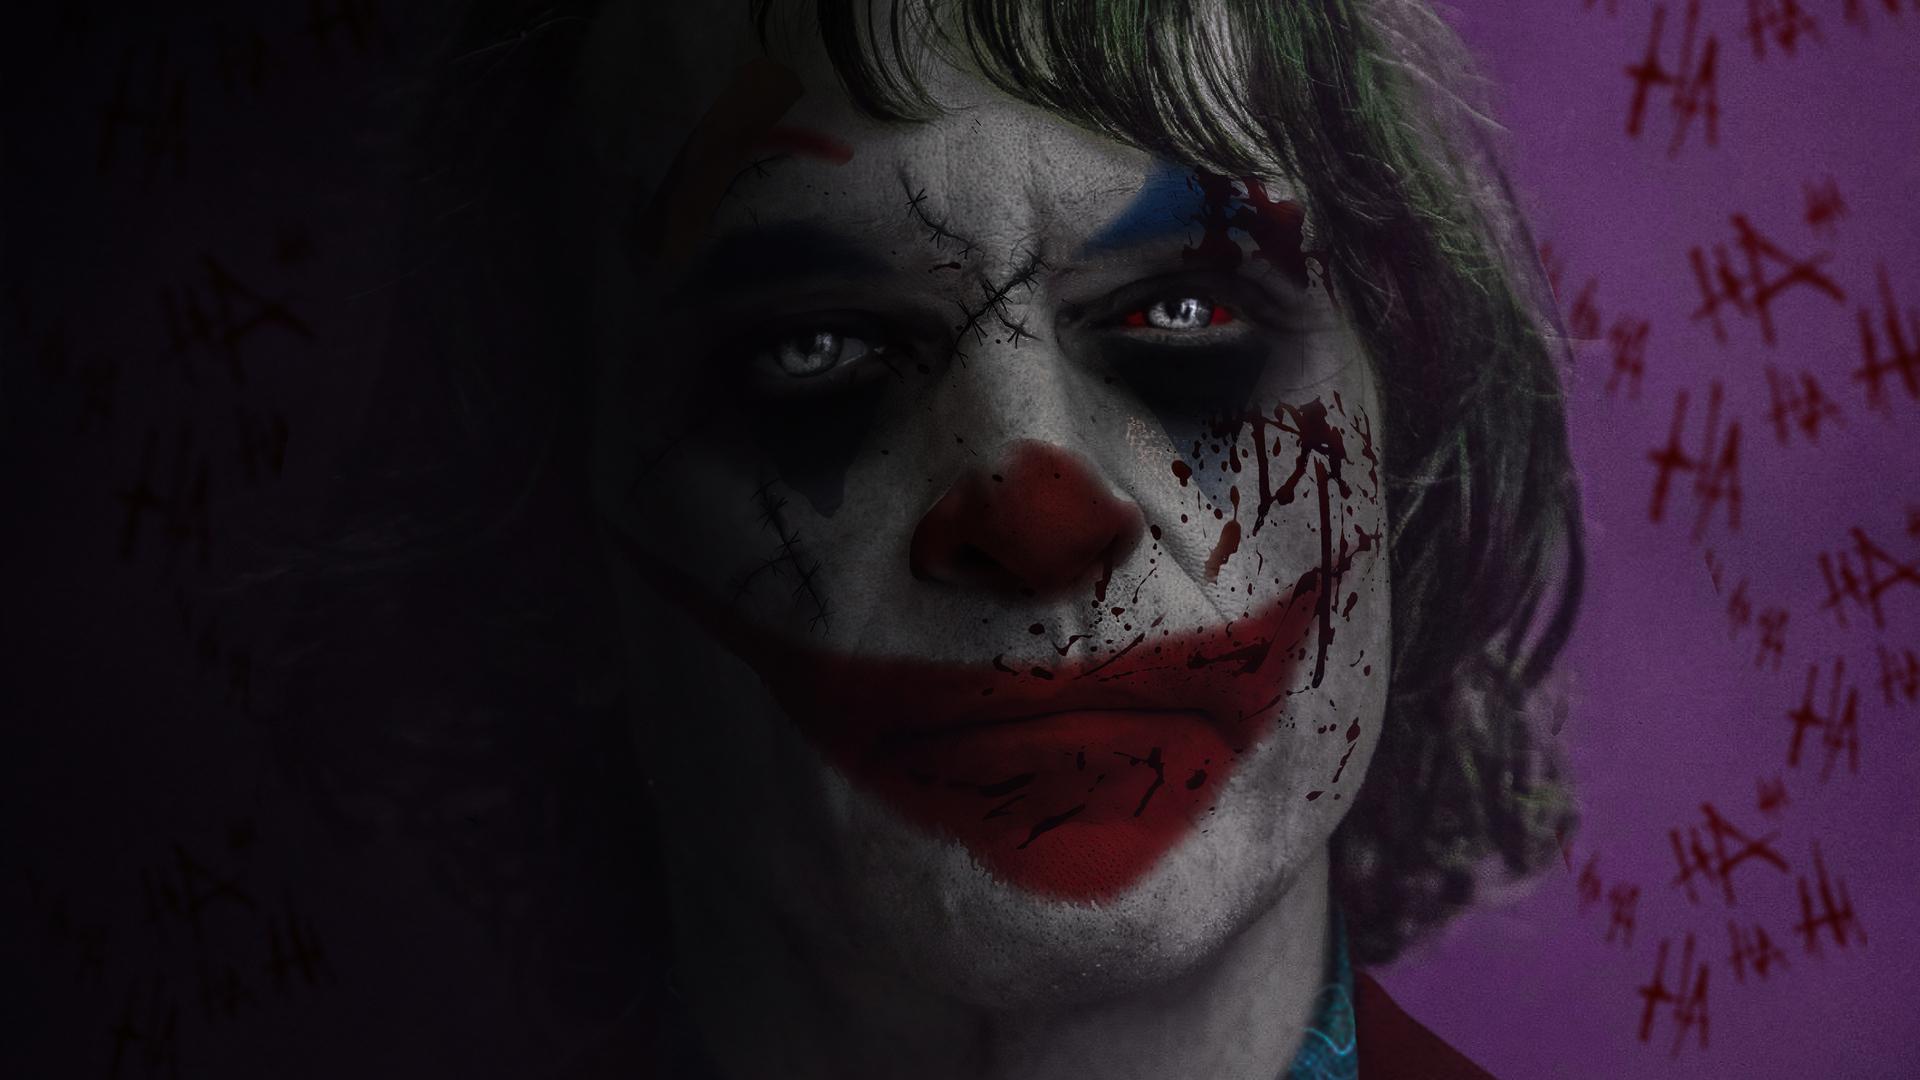 joker-smile-2021-ky.jpg